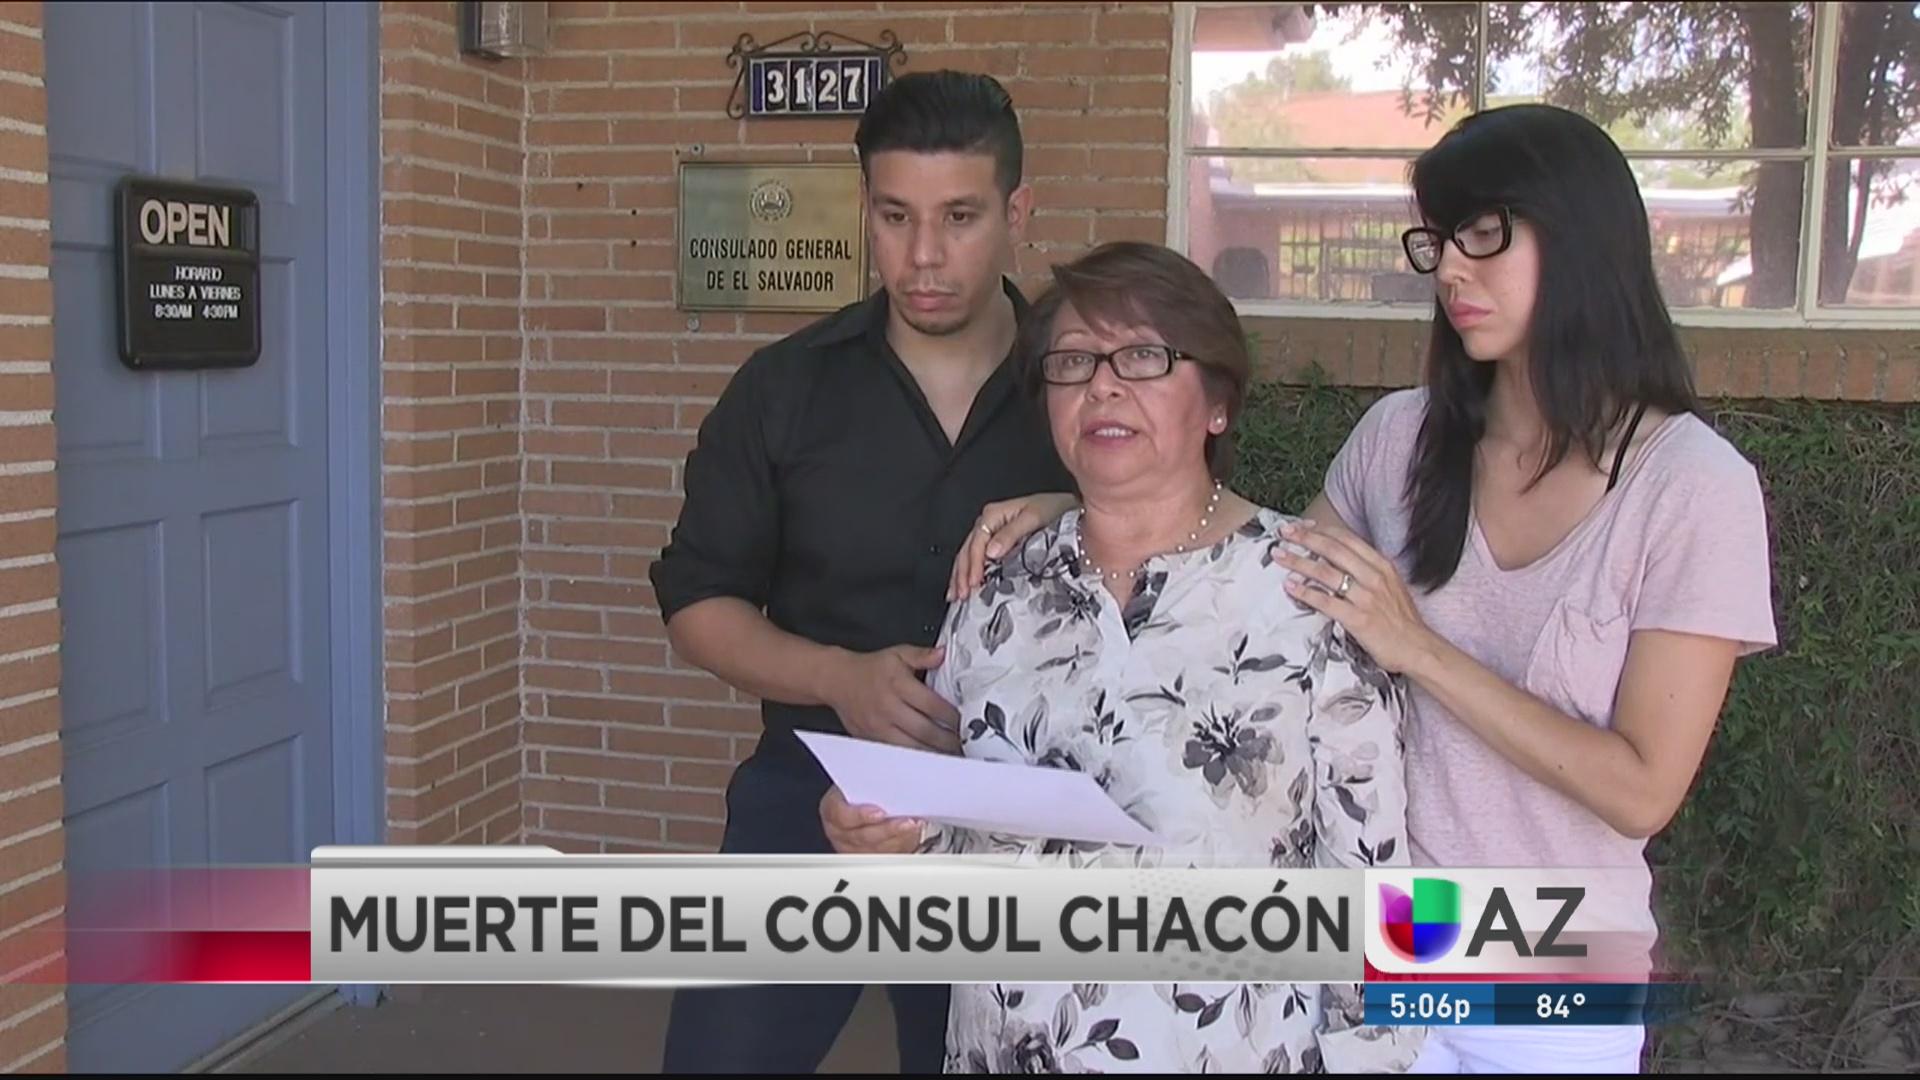 Familiares del cónsul Chacón hablan sobre su muerte